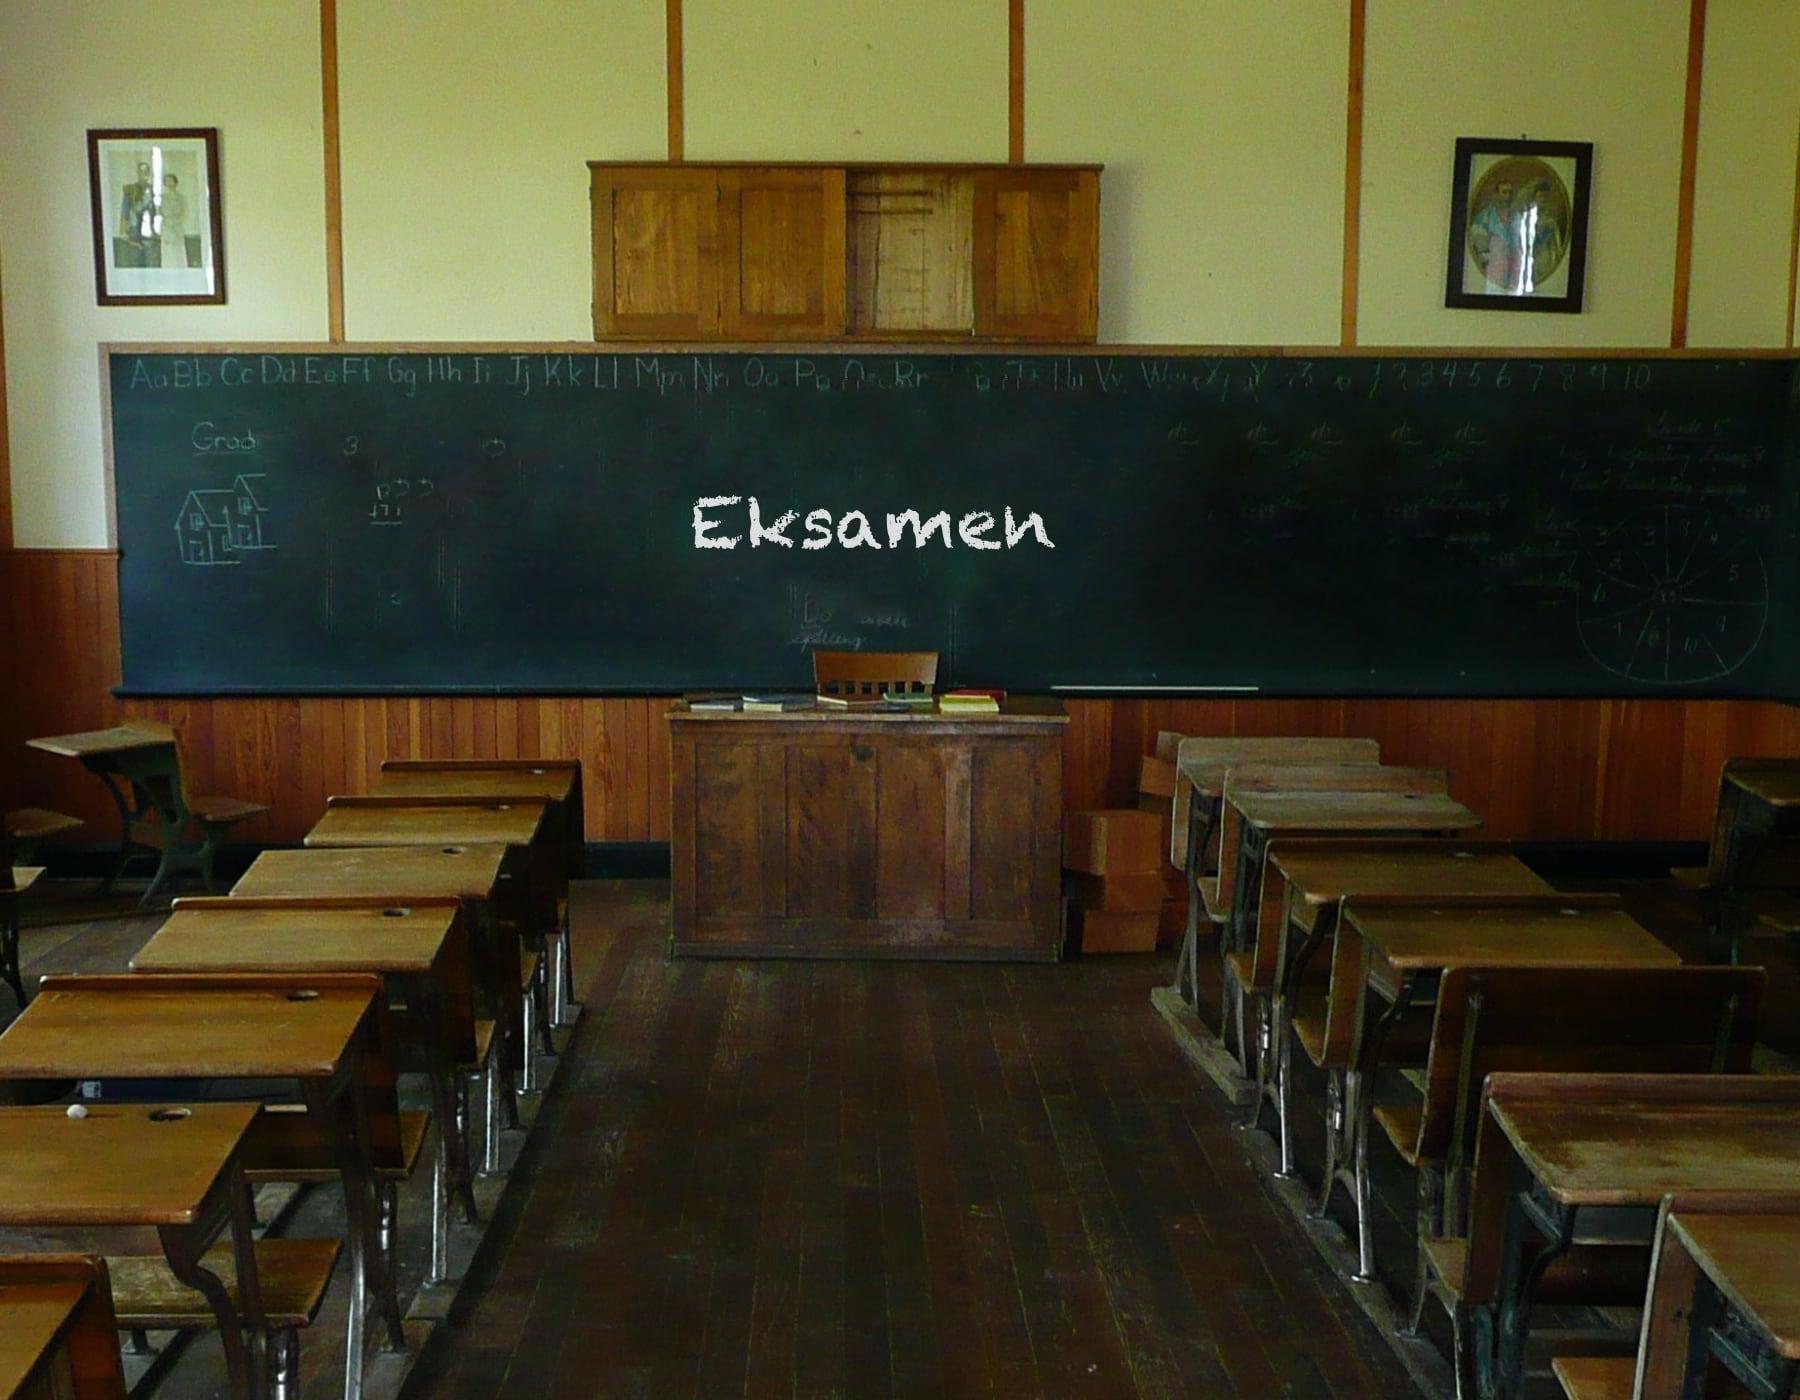 Gammeldags Klasserom Med Ordet Eksamen Skrevet På Tavla